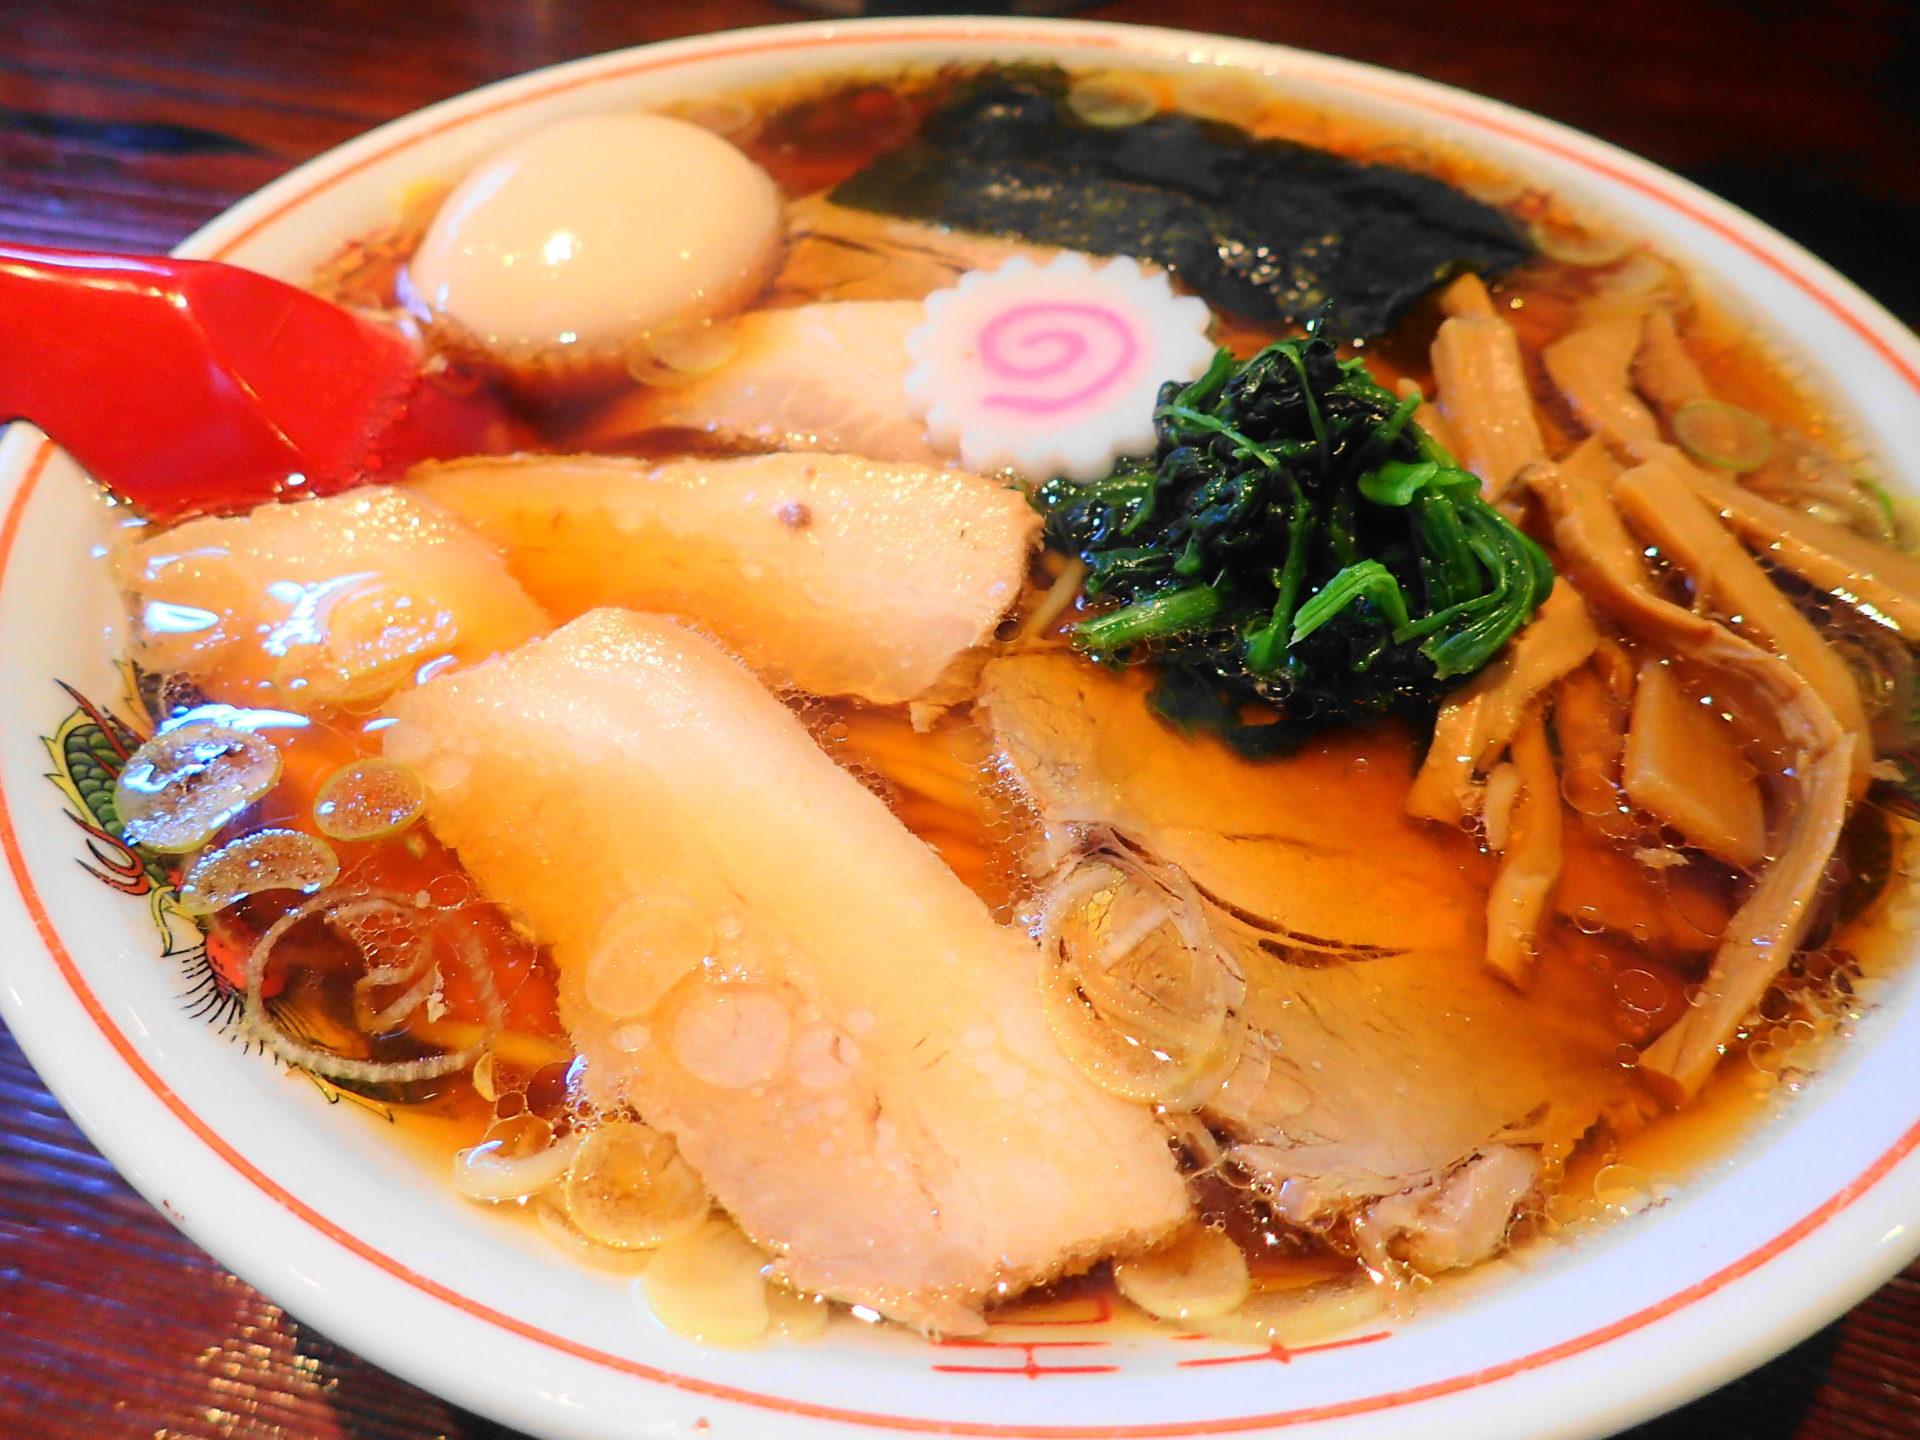 むじゃき食堂|徳川ミュージアム近くの人気ラーメン店 - いばらじお♪